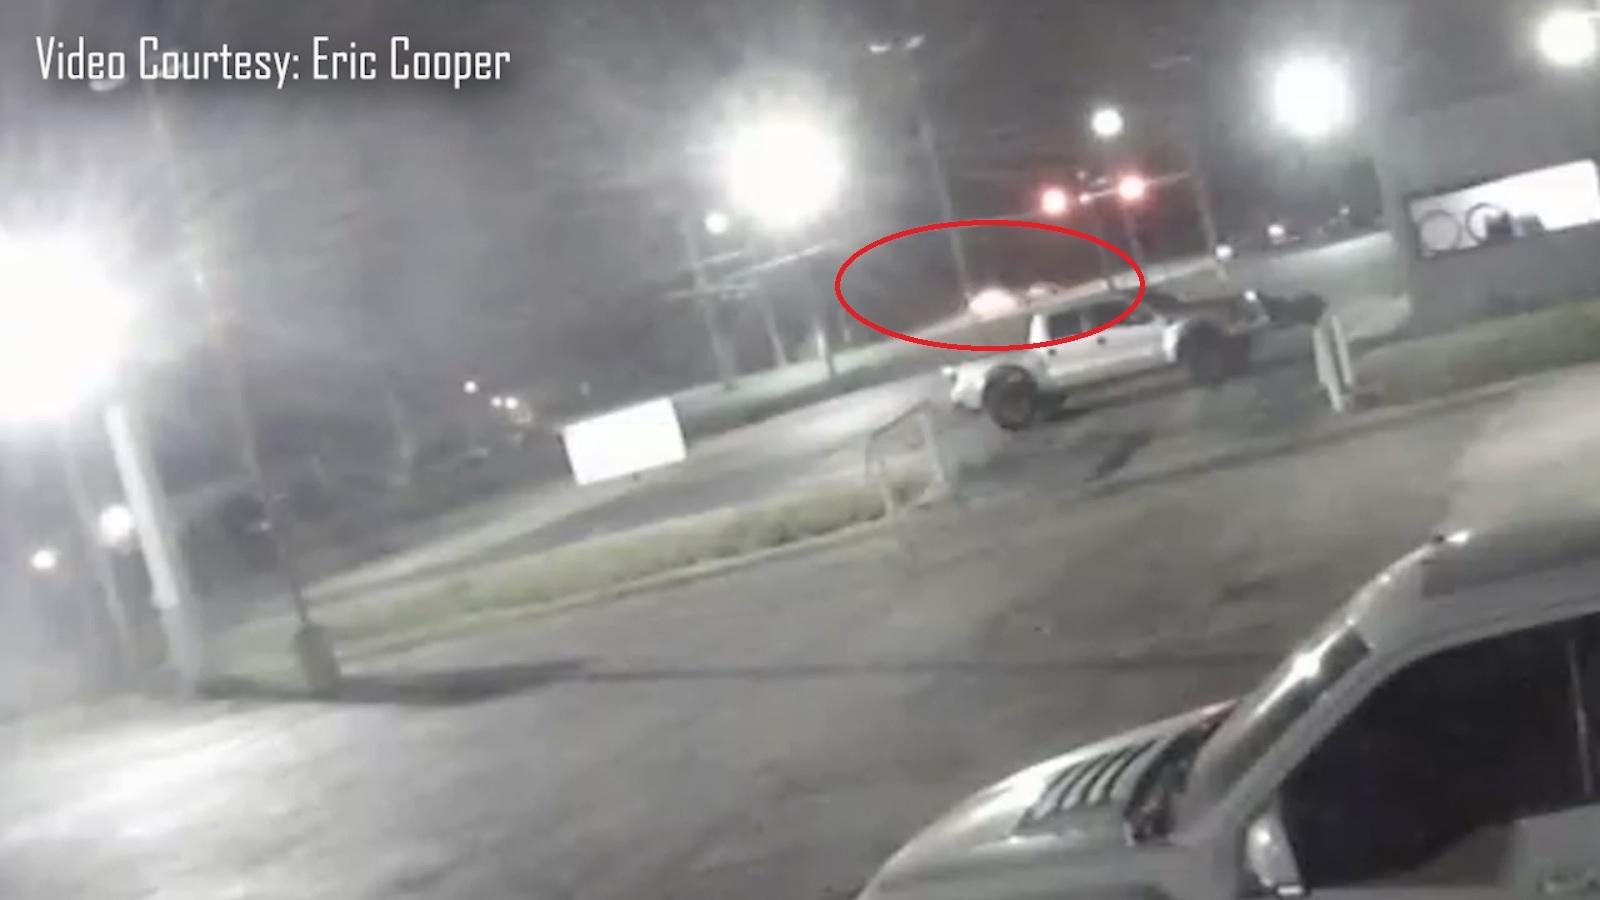 Rogers Car Crash Video Still_1547871004538.jpg.jpg